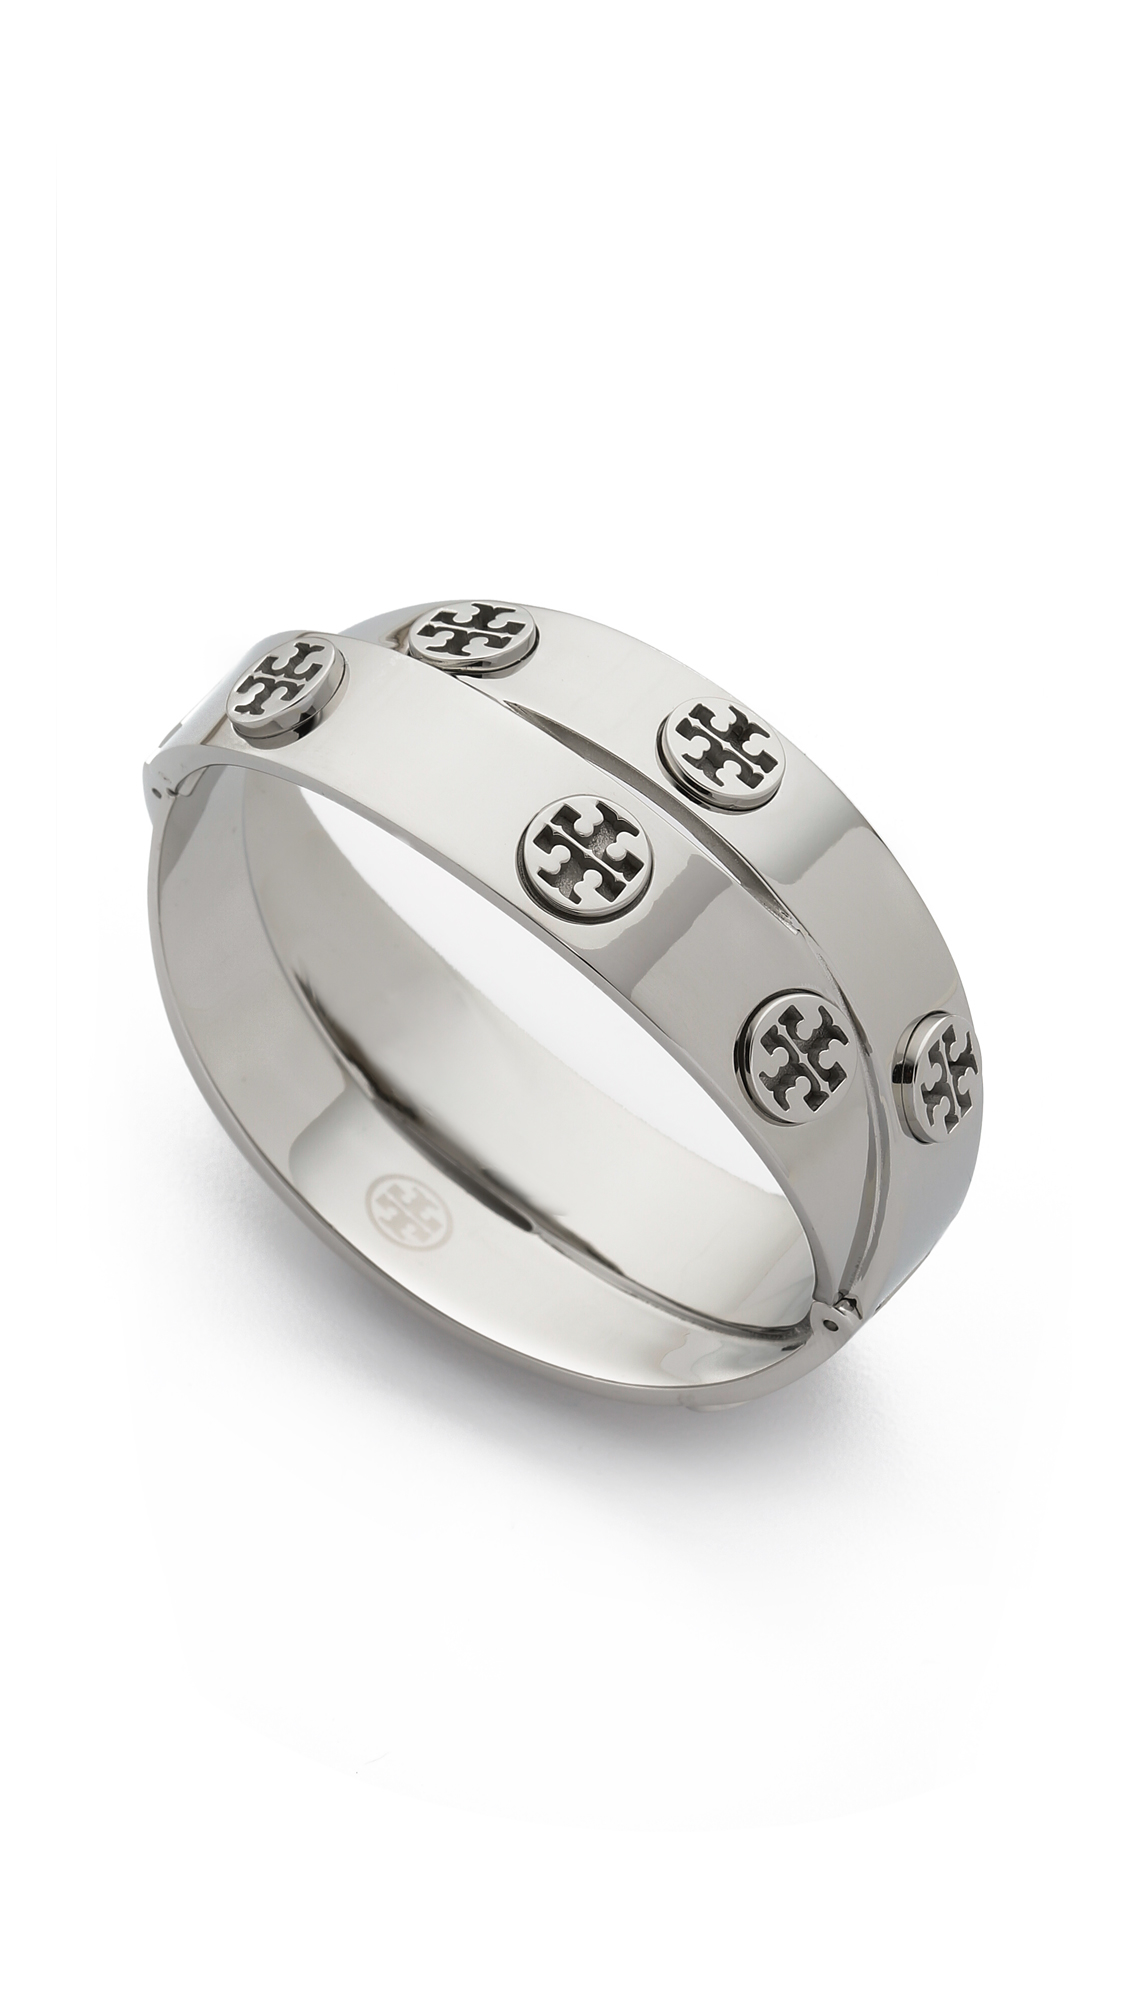 Lyst Tory Burch Double Wrap Cuff Bracelet In Metallic